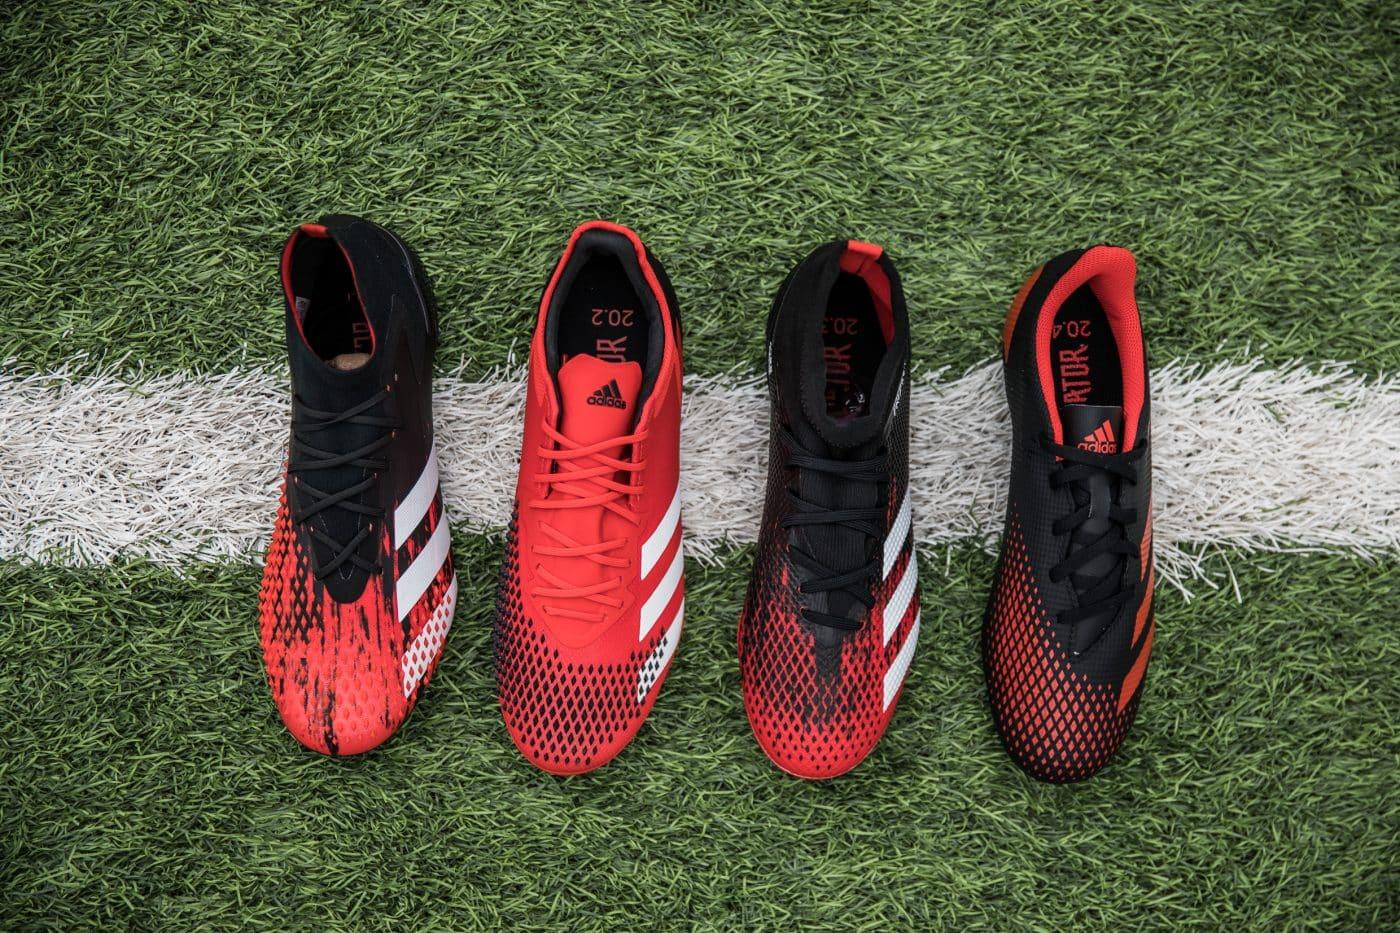 gamme-adidas-predator-20-footpack-3